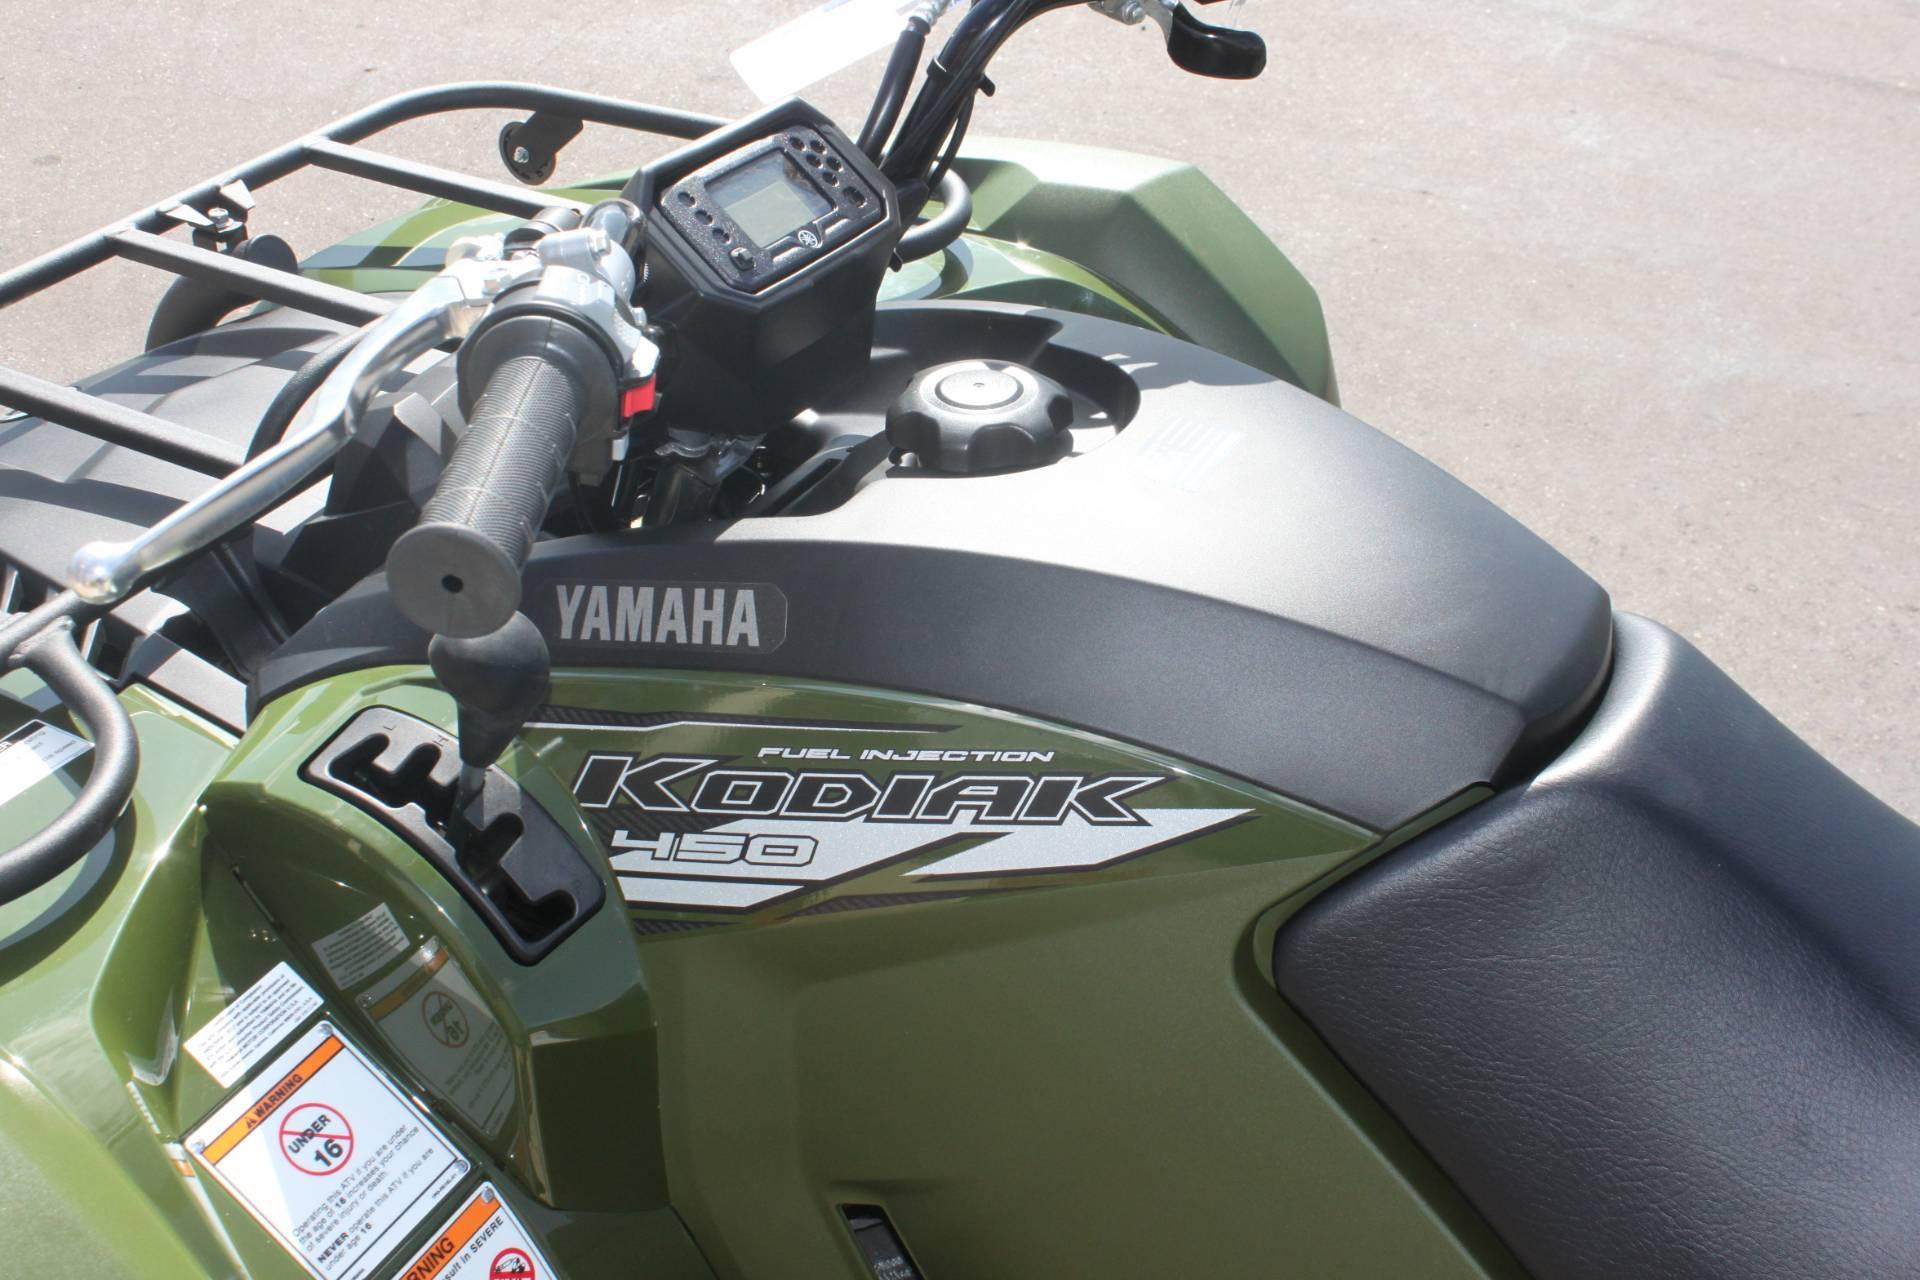 2020 Yamaha Kodiak 450 in Janesville, Wisconsin